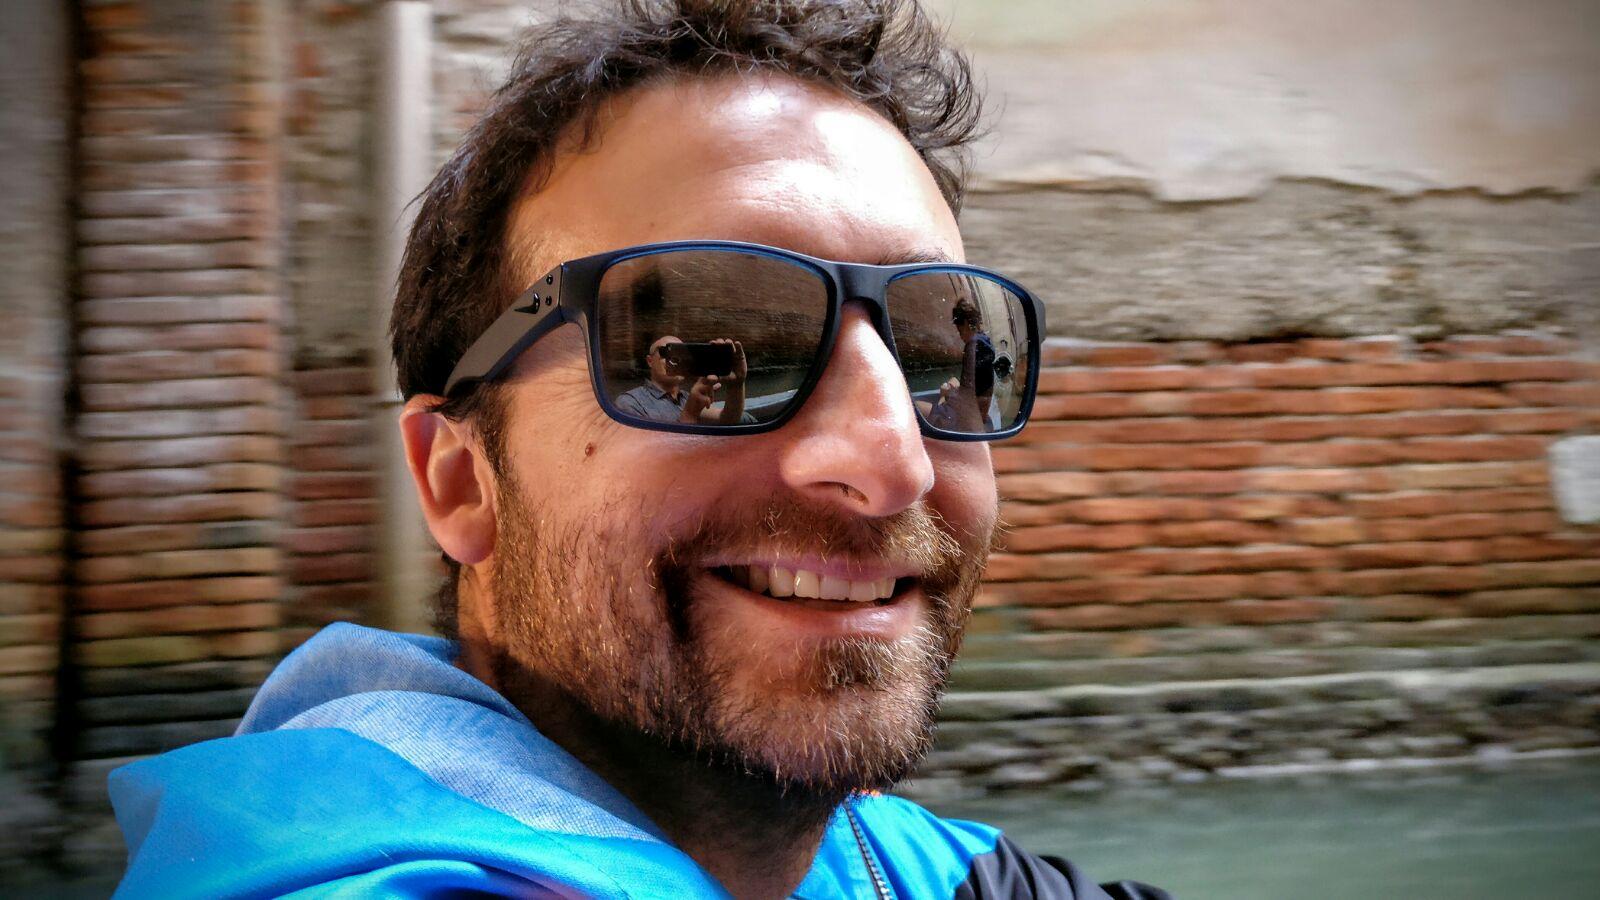 Jon's profile picture